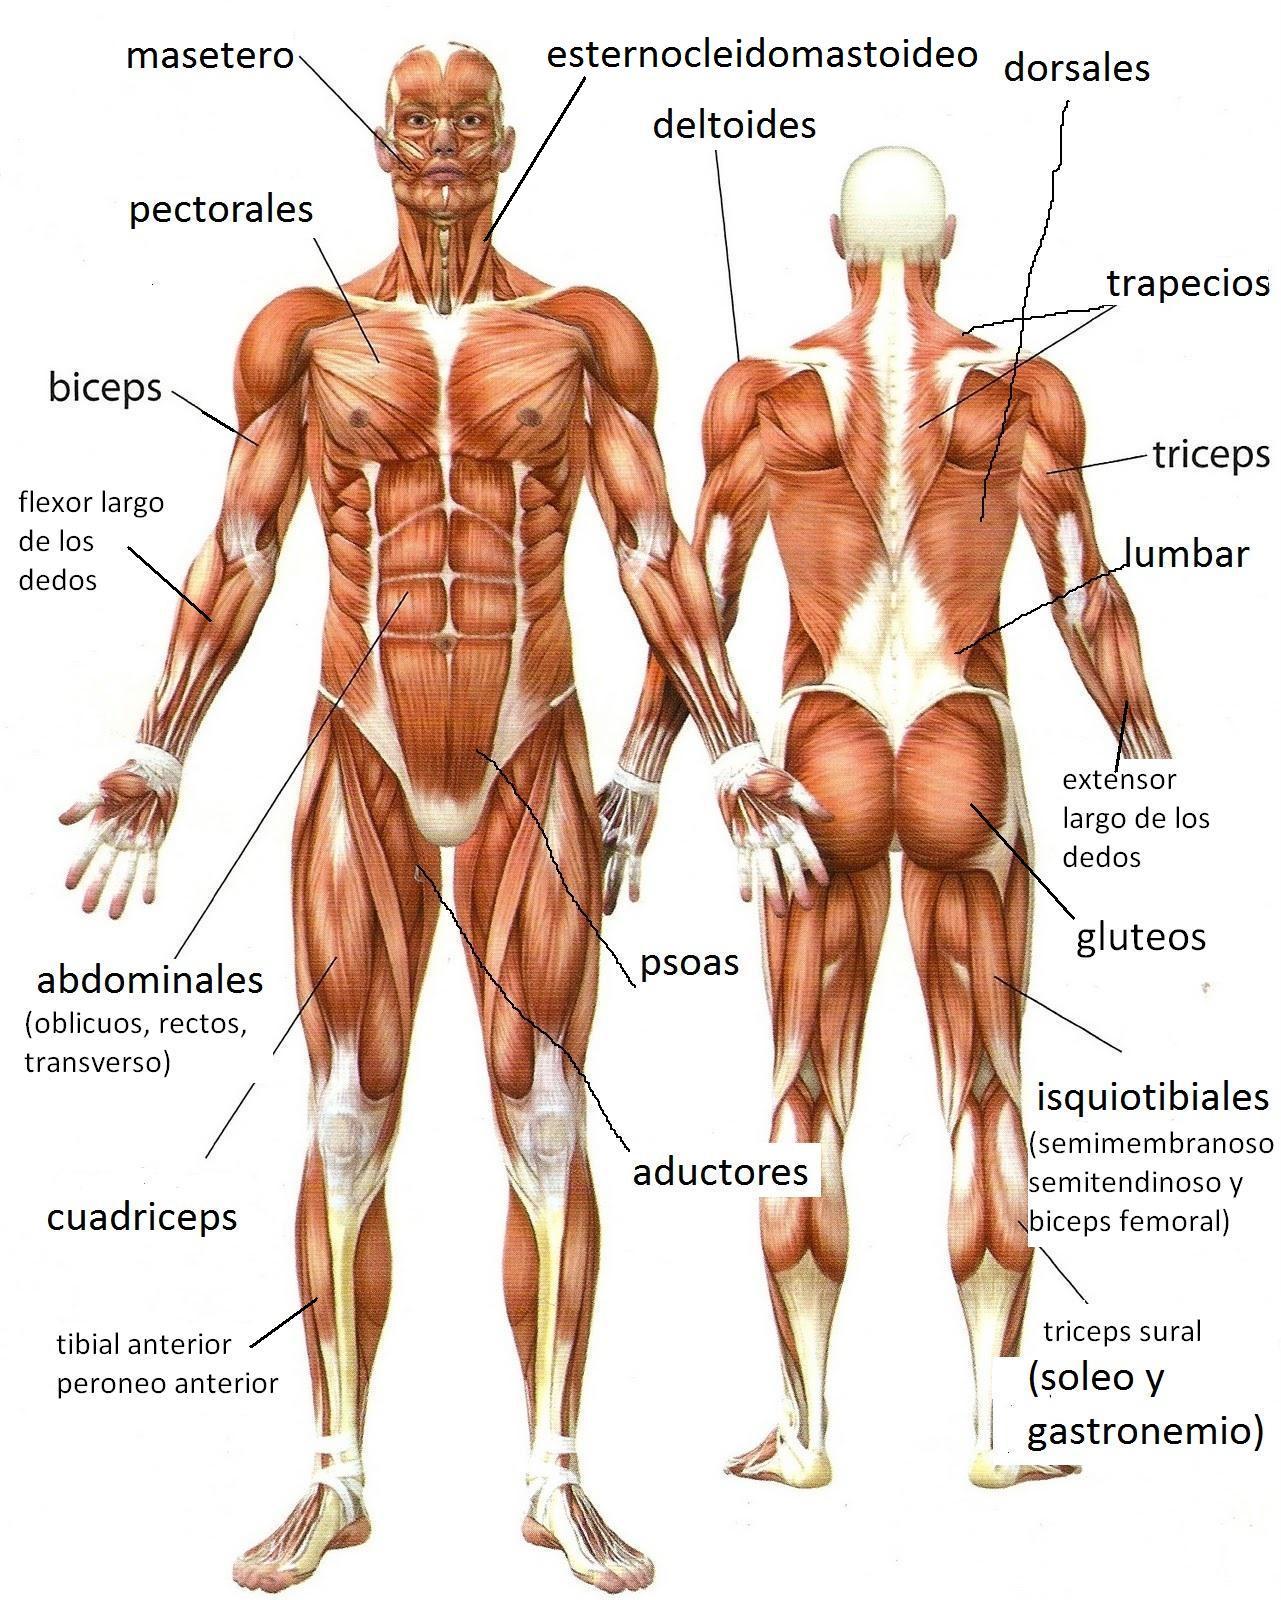 ESCOLA JUDO SHINGITAI REUS: TAI - Músculos importantes para Judokas